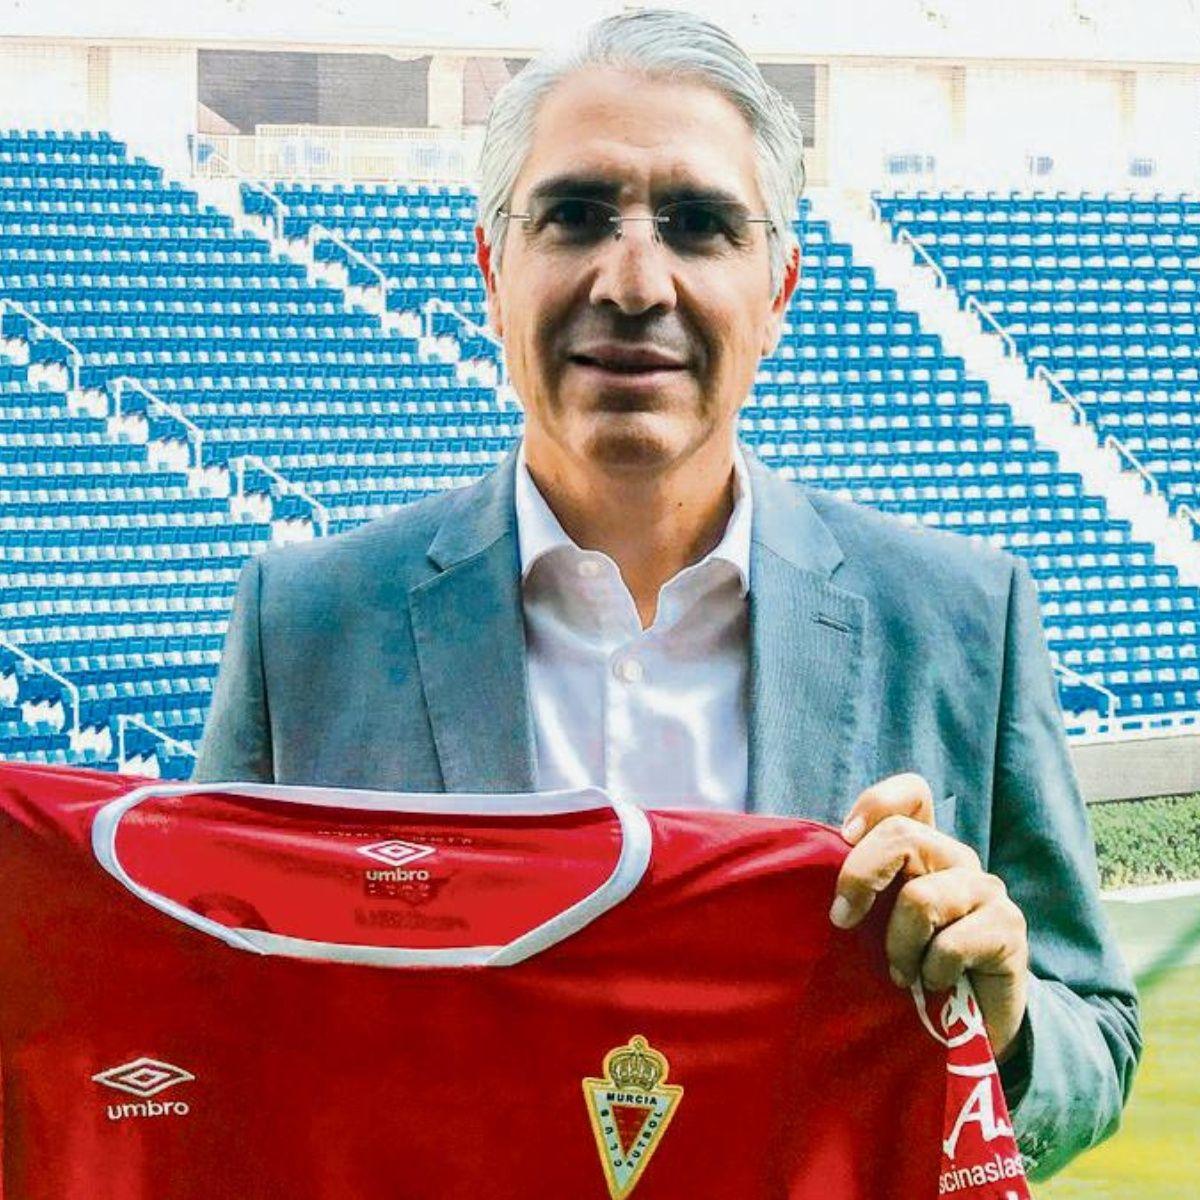 Mauricio Garcia de la Vega-Murcia